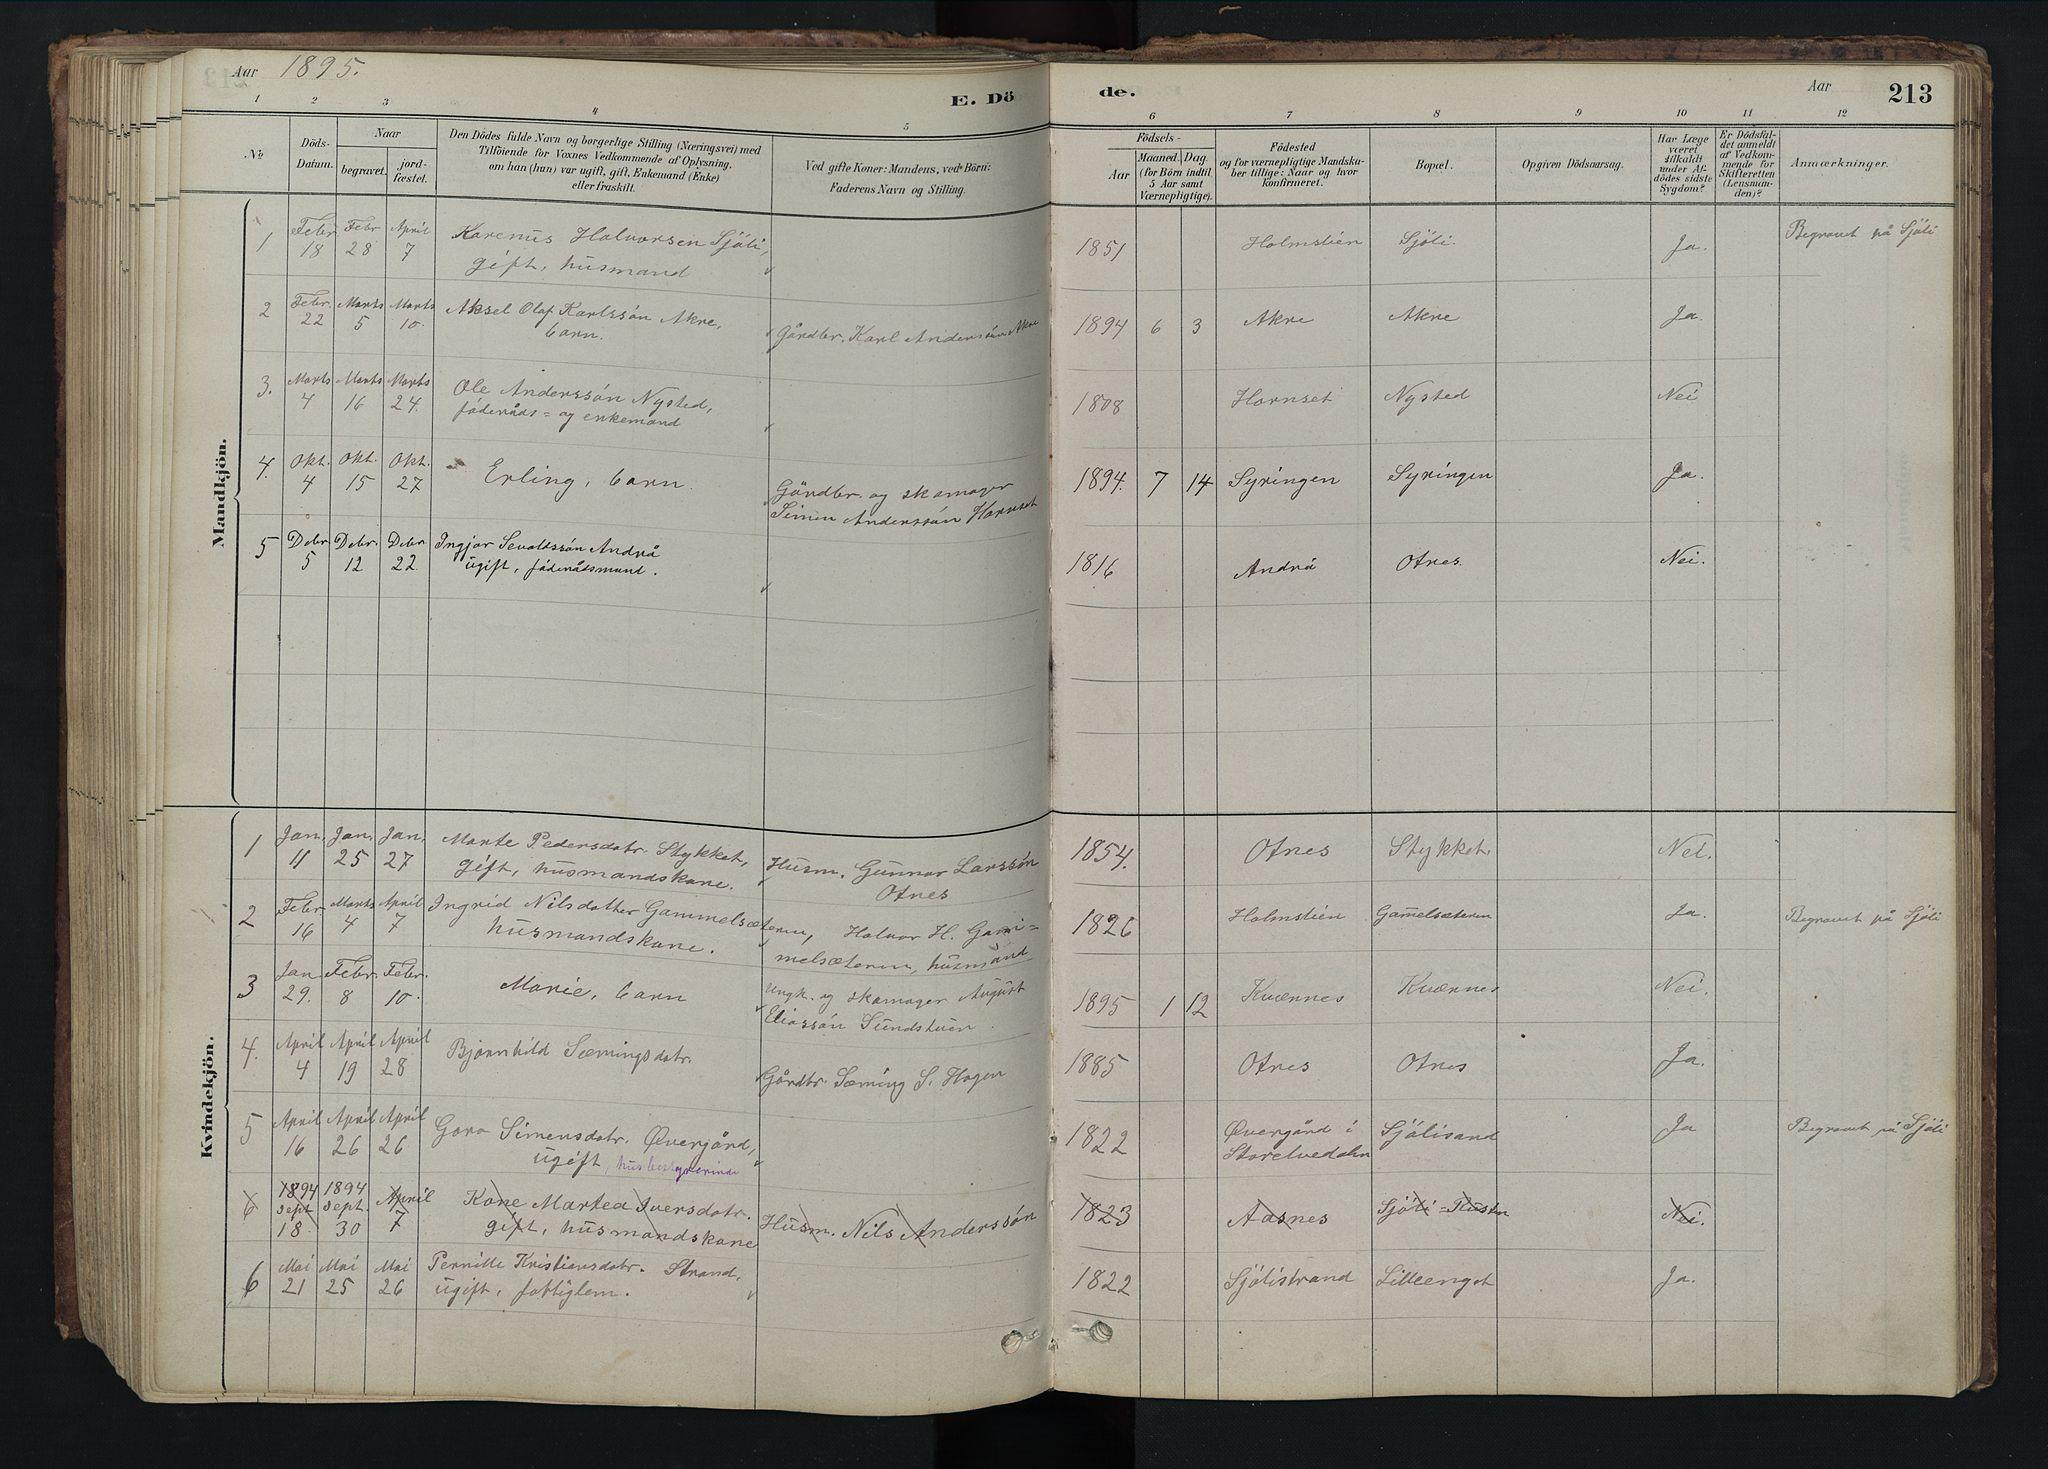 SAH, Rendalen prestekontor, H/Ha/Hab/L0009: Klokkerbok nr. 9, 1879-1902, s. 213